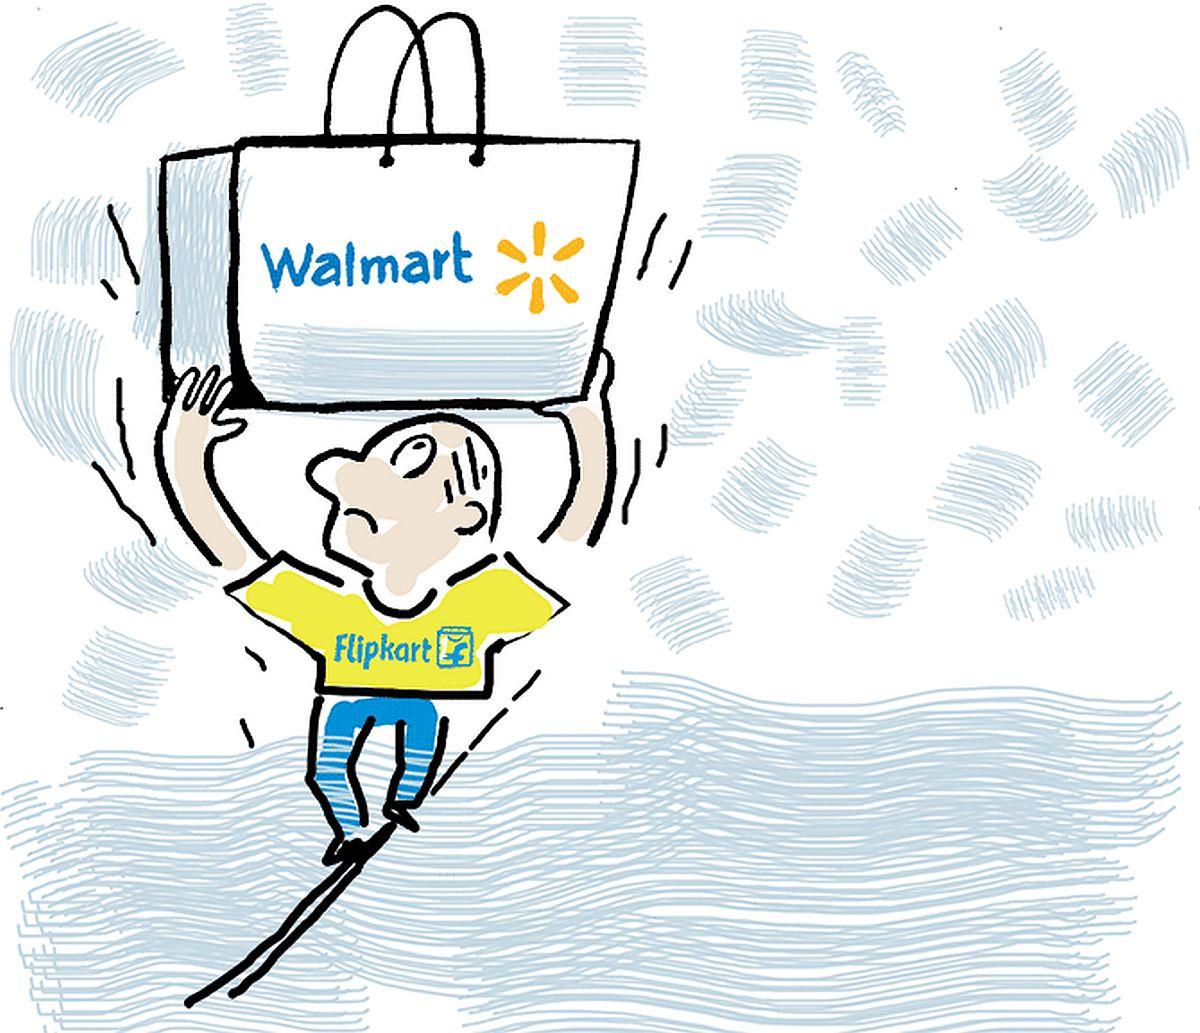 Walmart is open to IPO for Flipkart